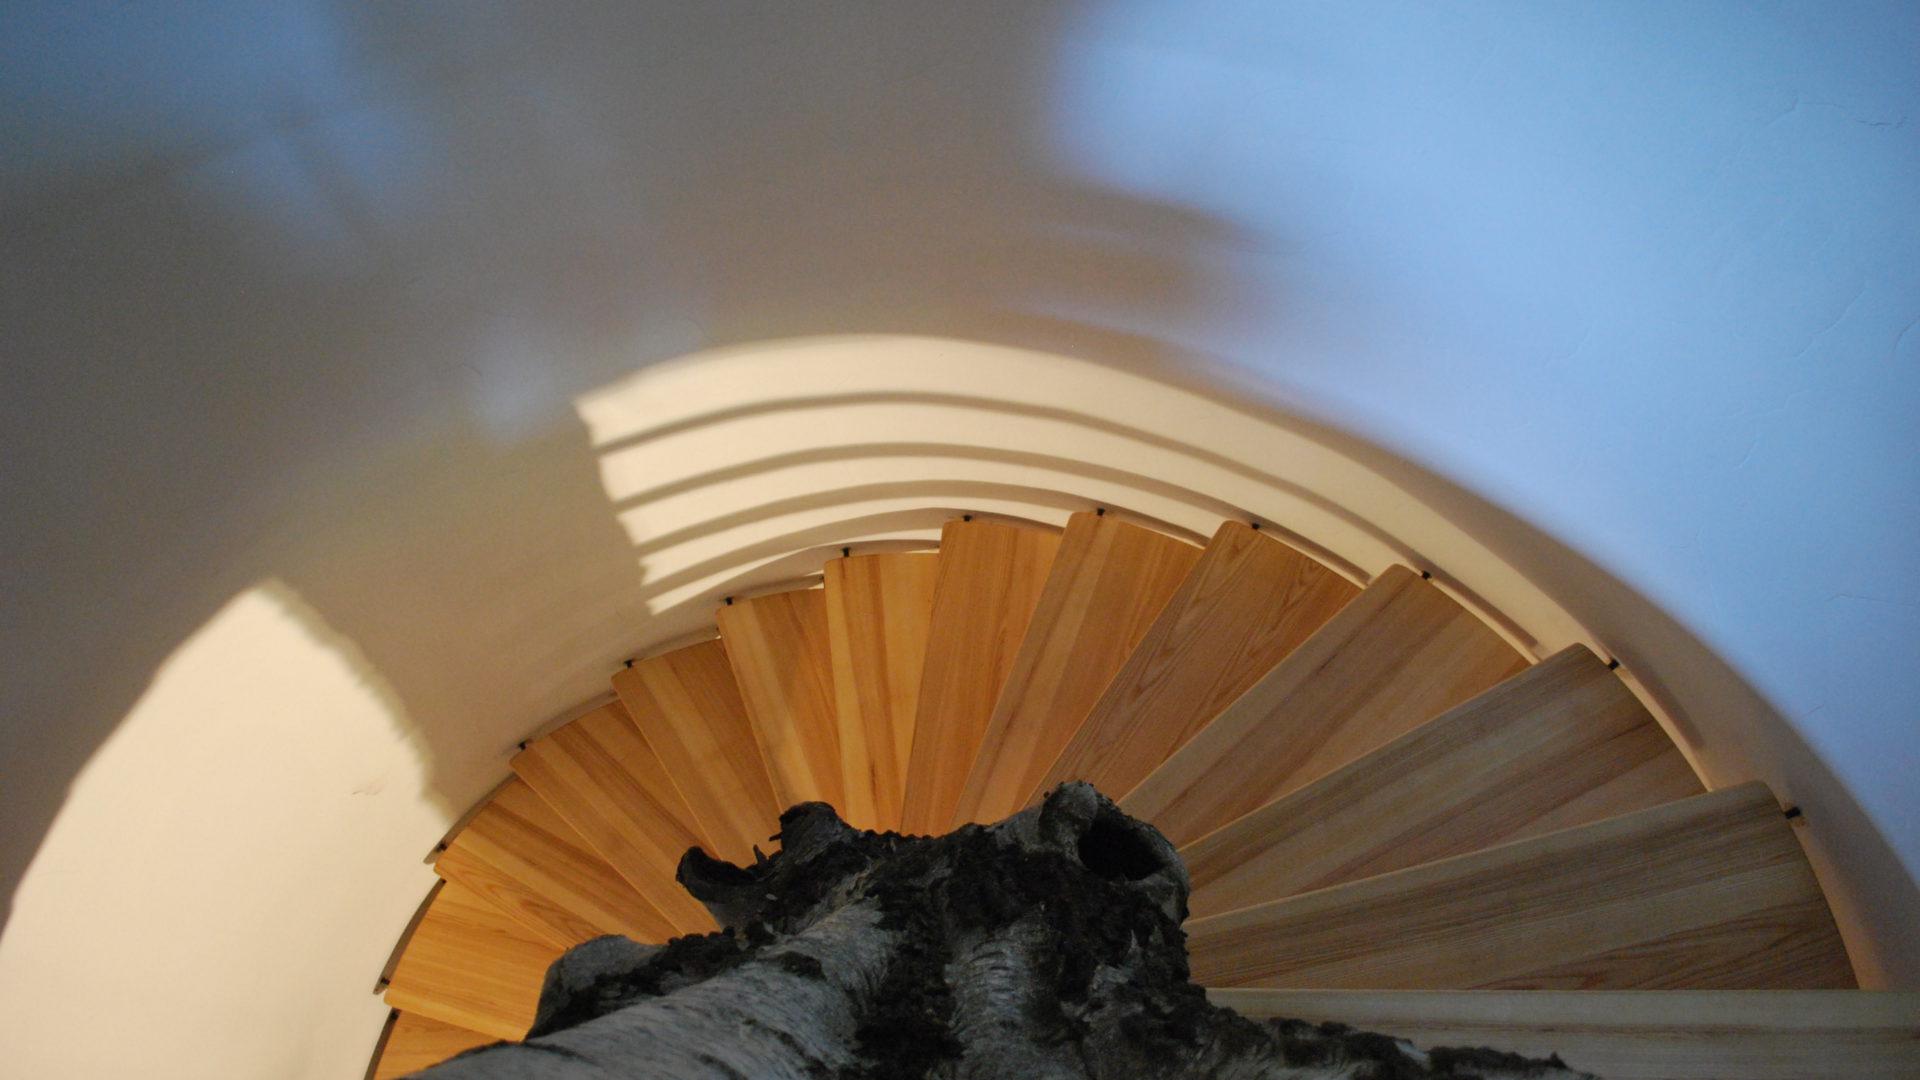 Eine Wendeltreppe, die sich um einen noch ganzen Baumstamm mit Rinde windet. Der Blick ist vom oberen Ende der Treppe abwärts gerichtet.